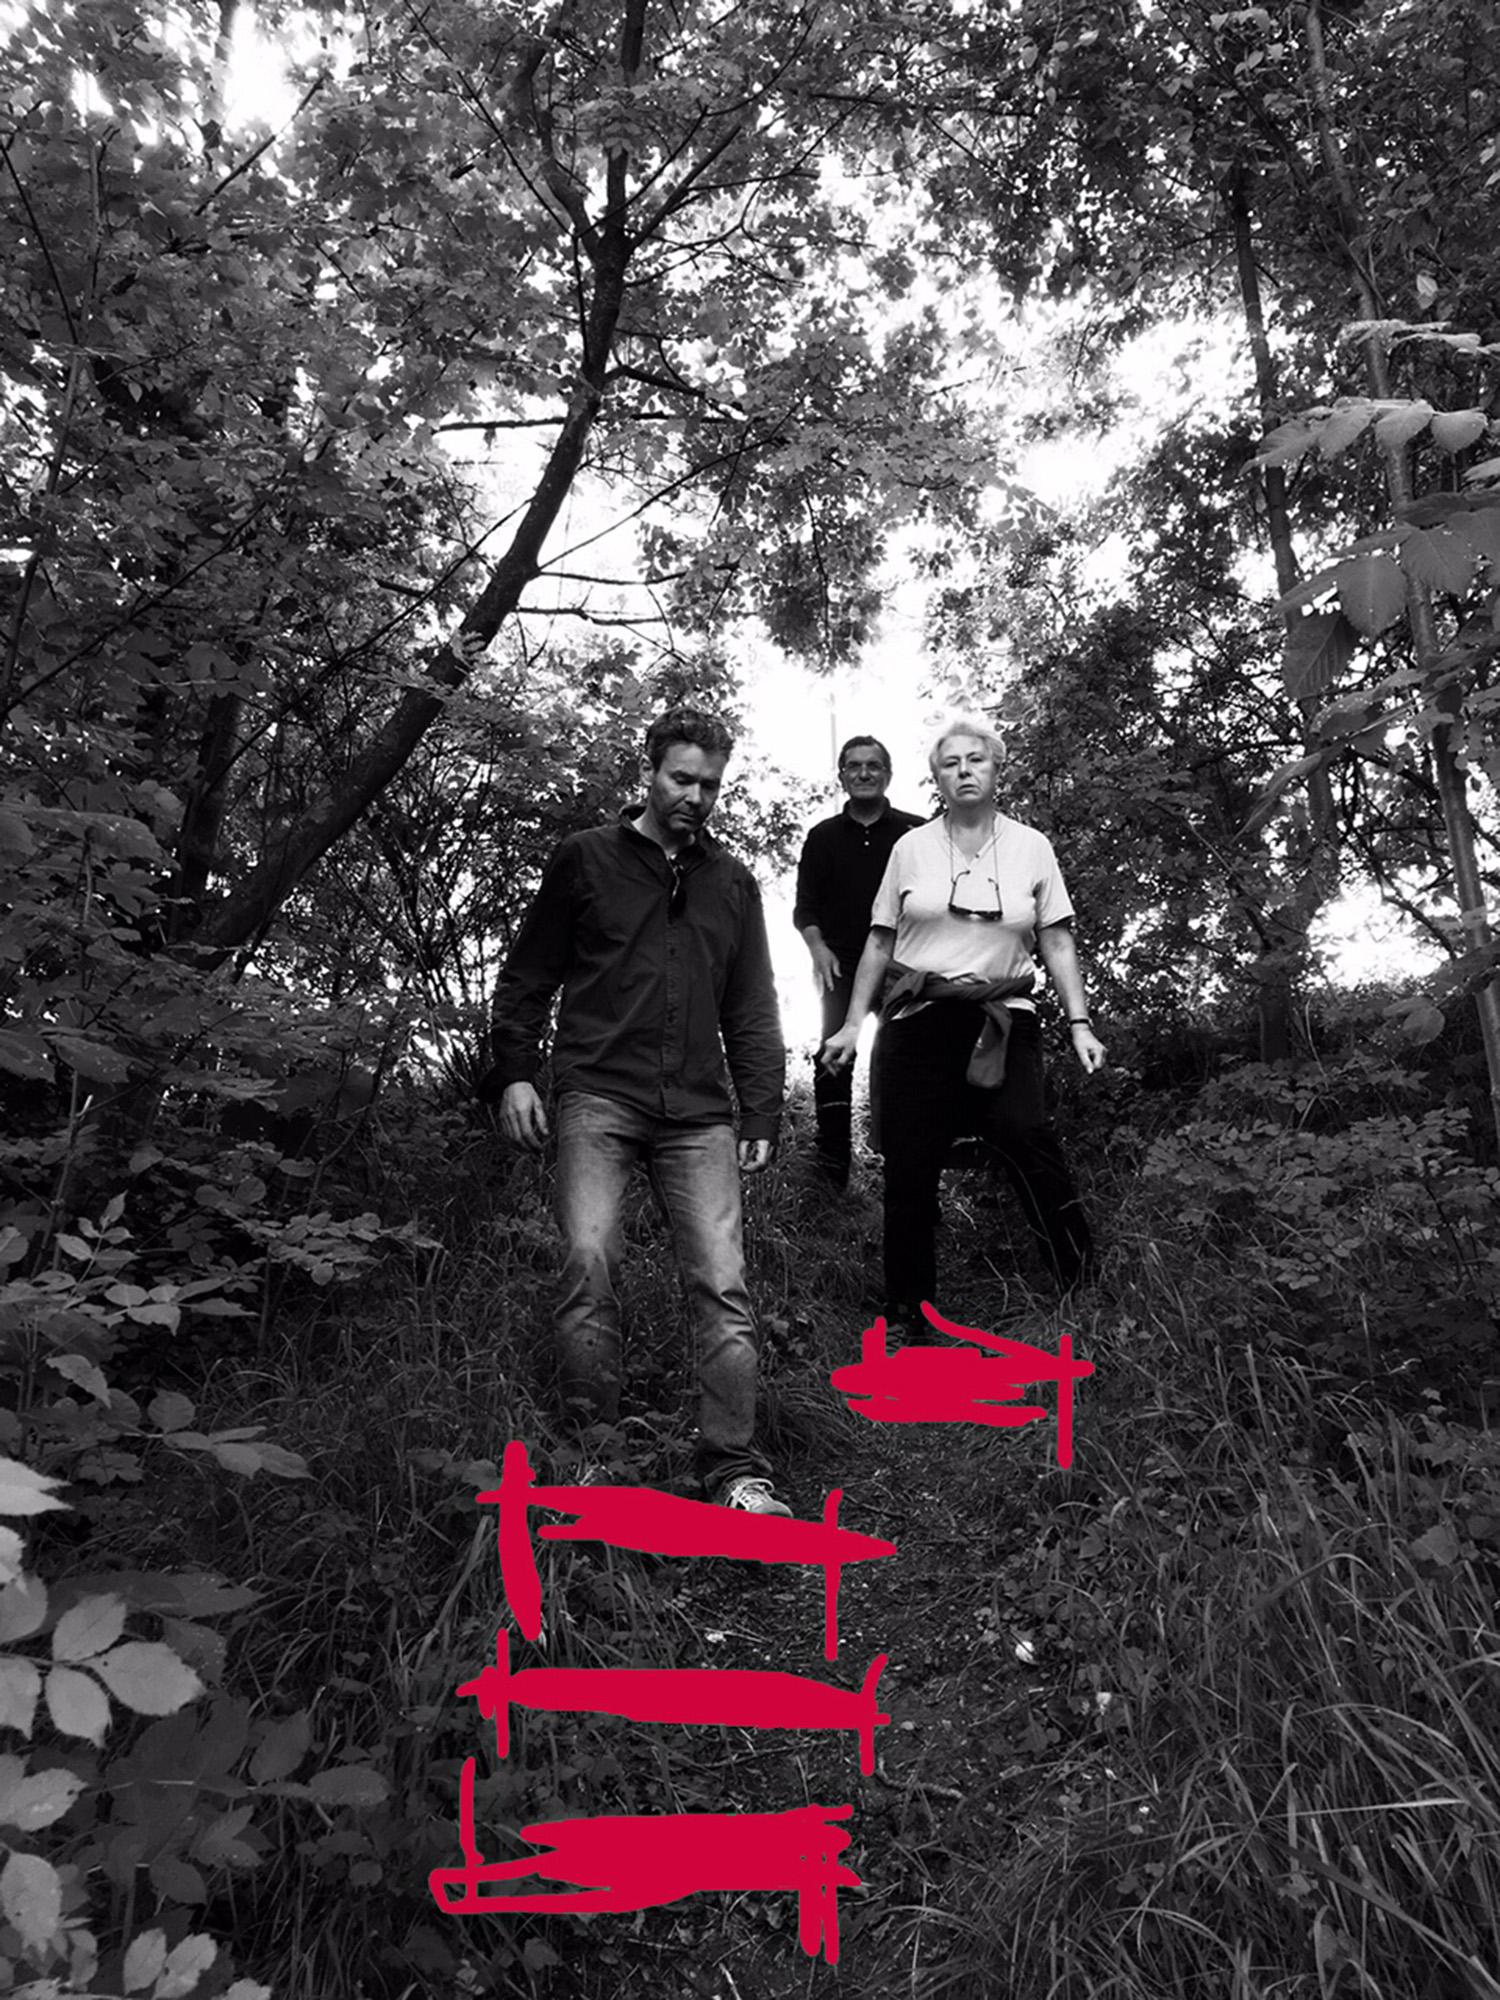 Descente facilitée #ParcdesHauteurs #LesLilas #EstEnsemble #PlateauPhoto